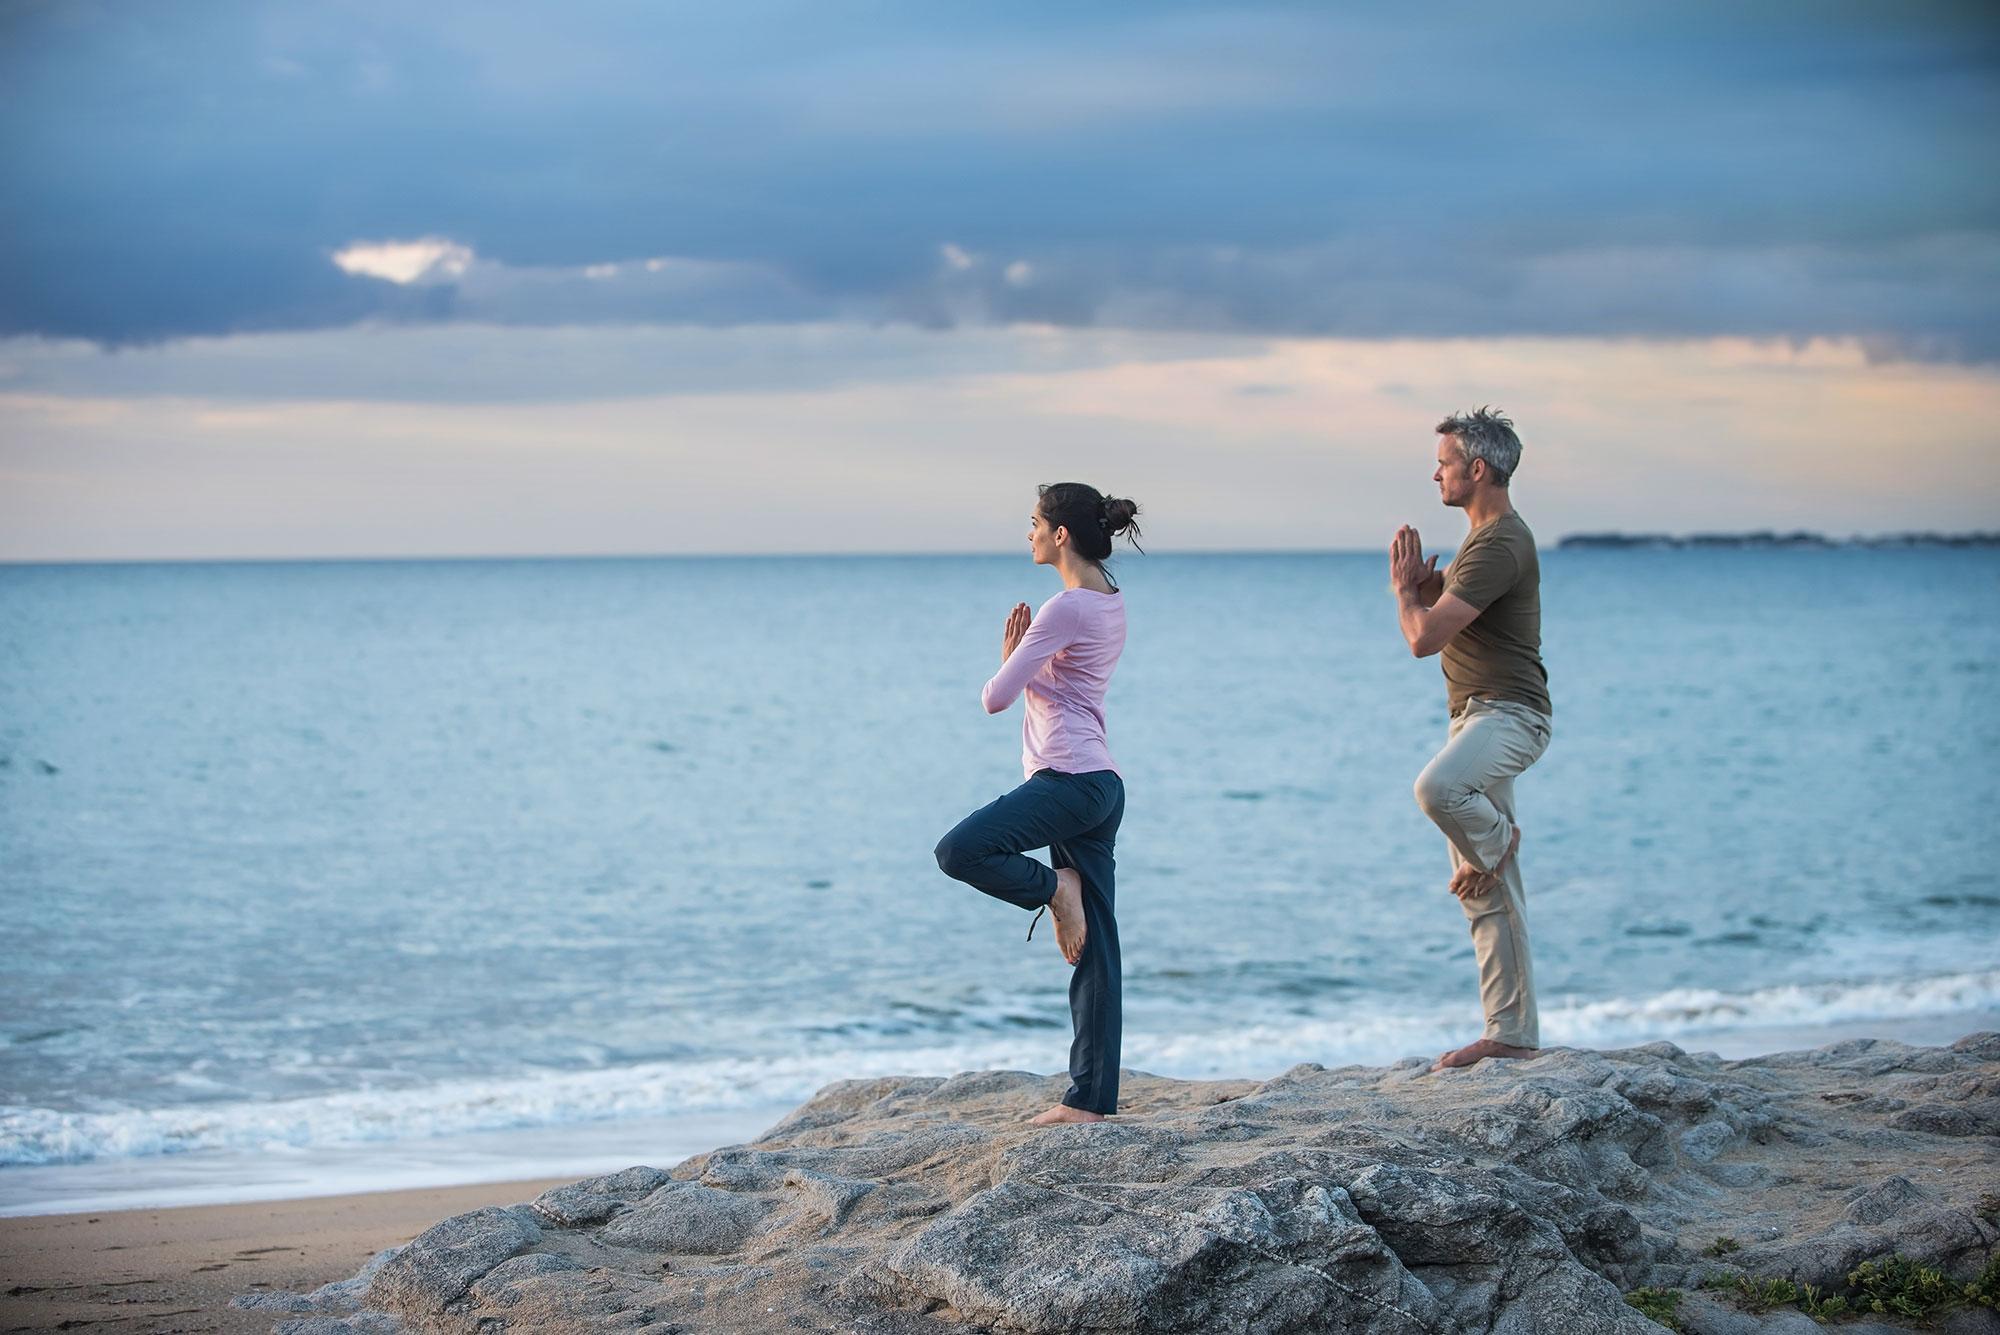 Elegir un lugar especial y darse a la introspección en pareja. Foto: Shutterstock.